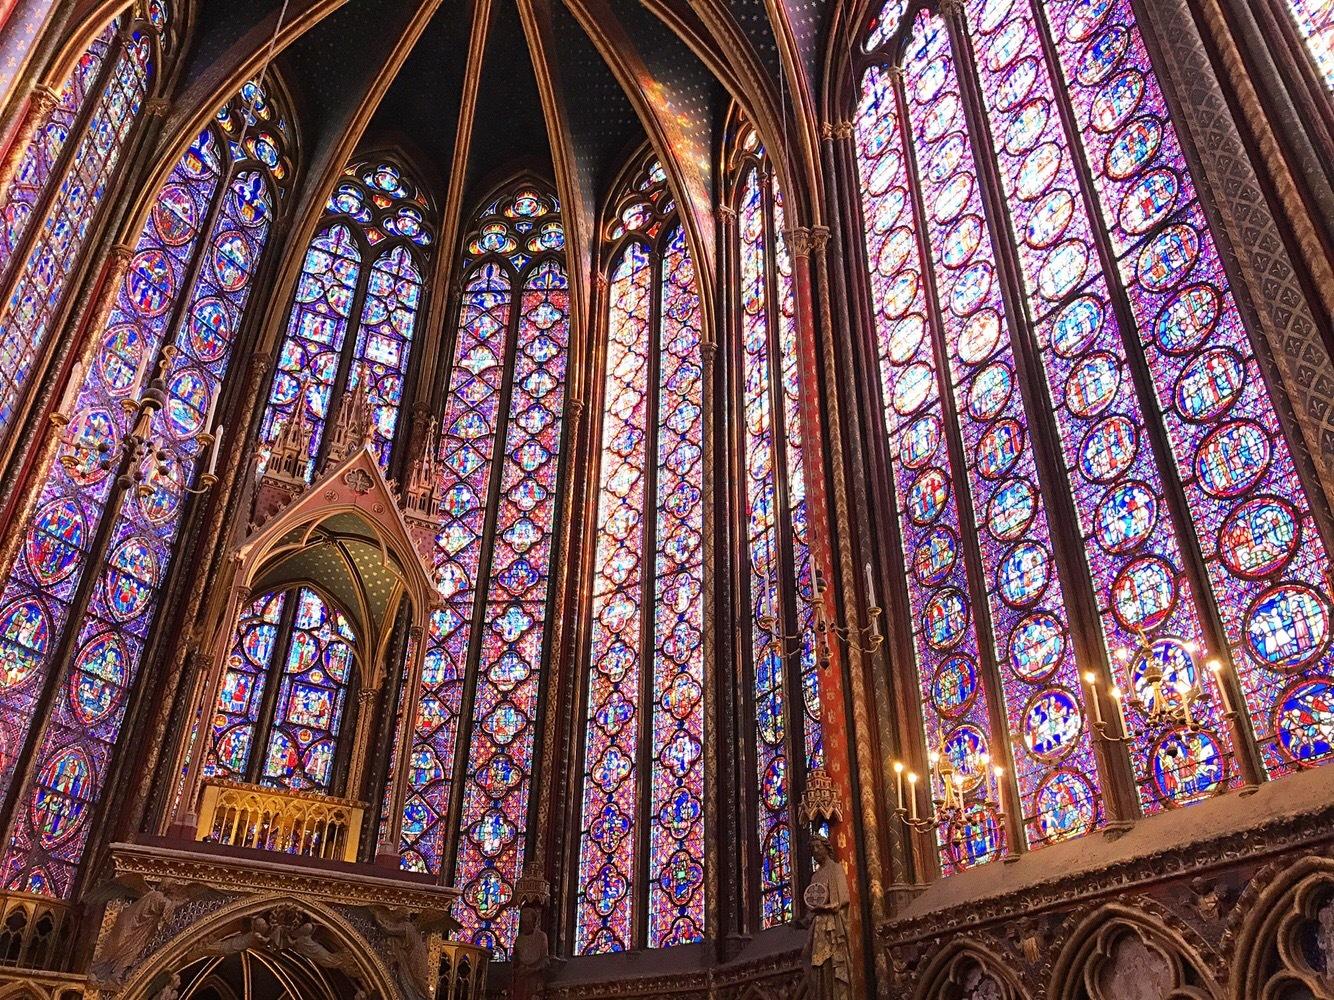 世界一美しい《サントシャペル》のステンドグラス*✩‧₊˚_1_3